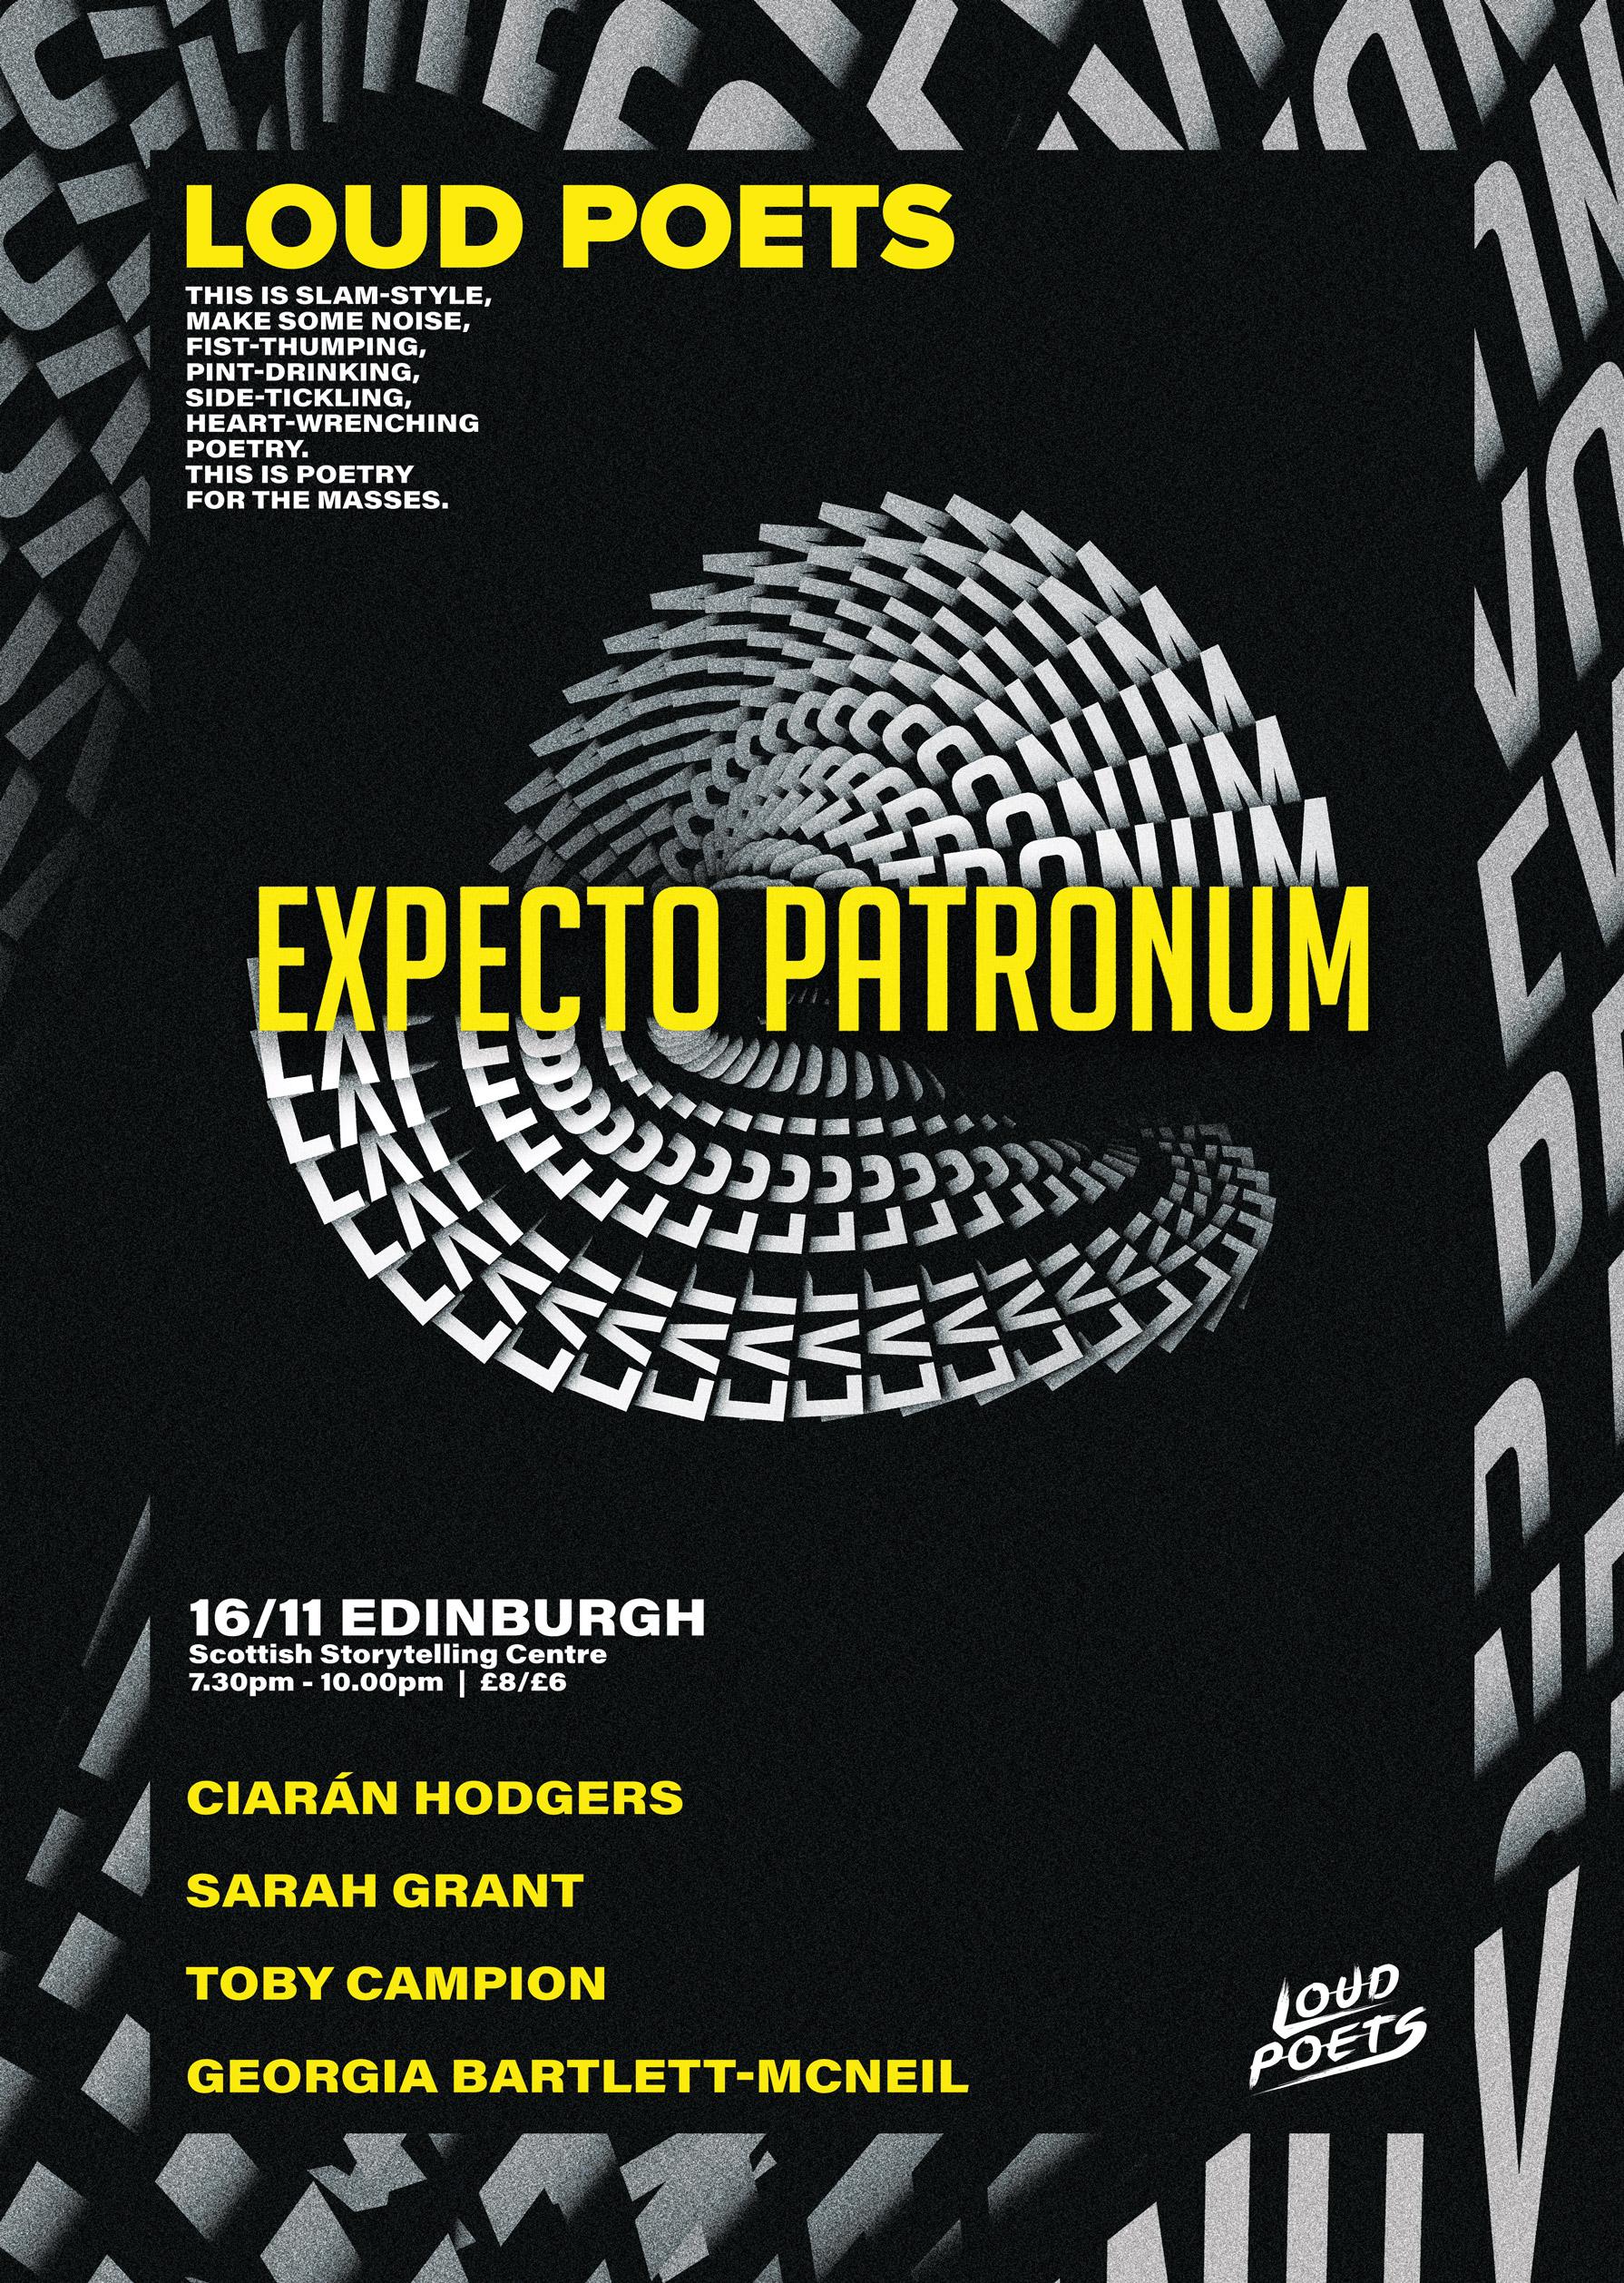 Expecto-Patronum-A3-3mm-Bleed.jpg